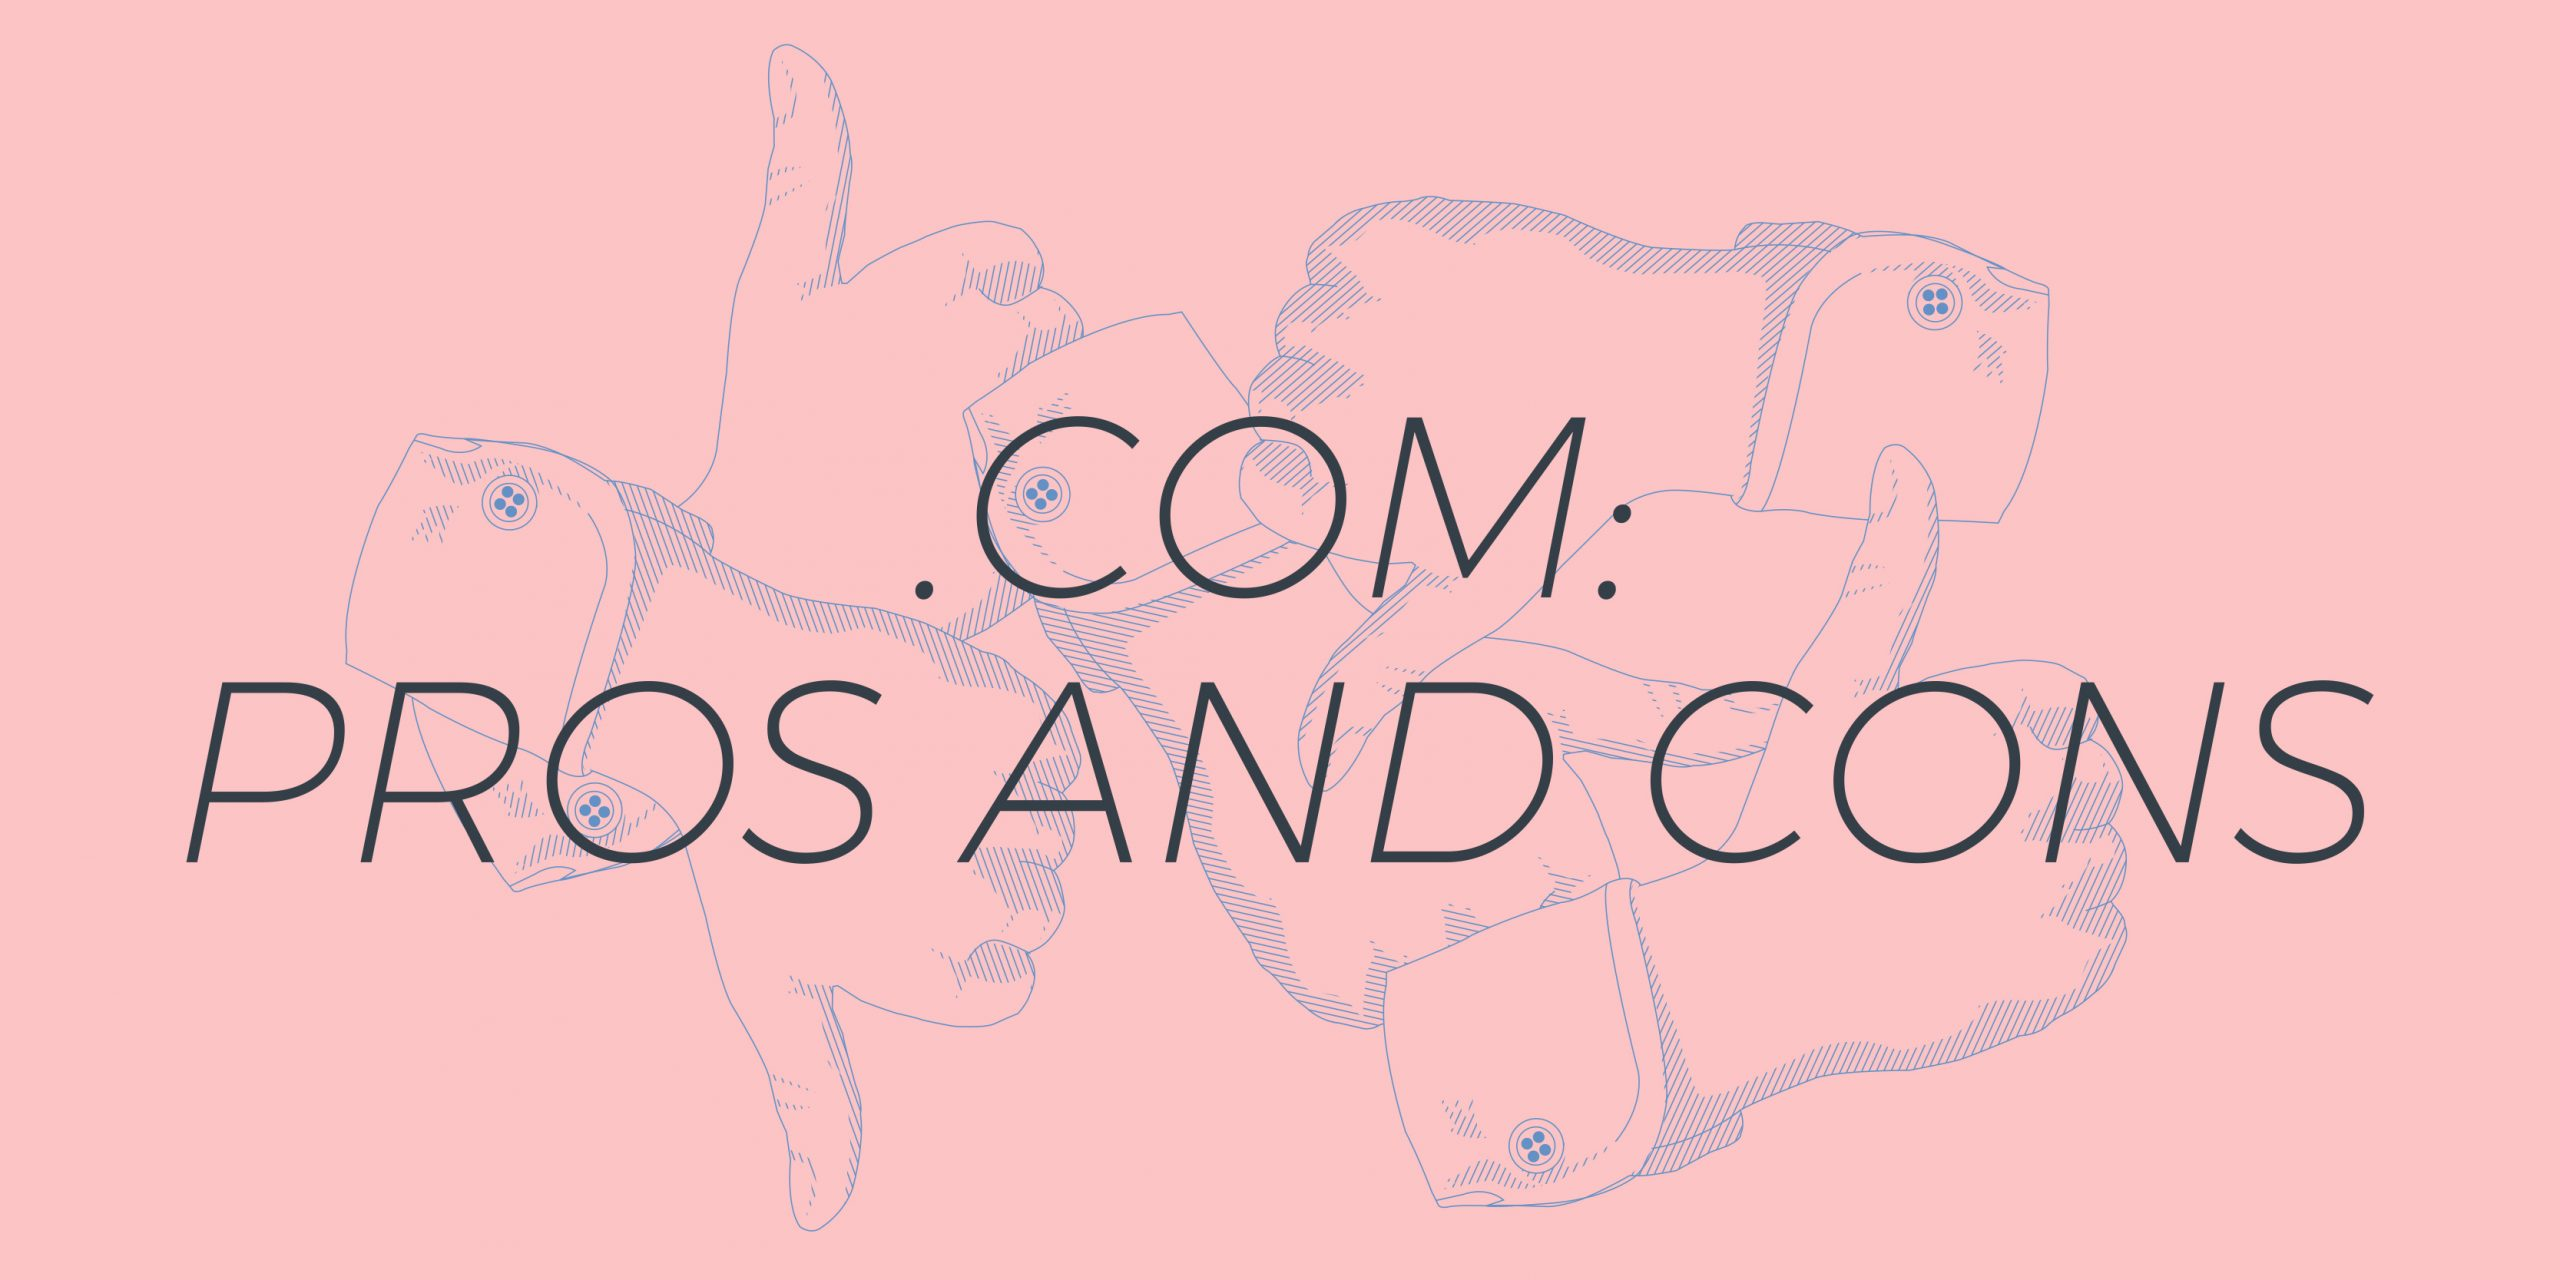 The pros and cons of .com: should I register a .com?